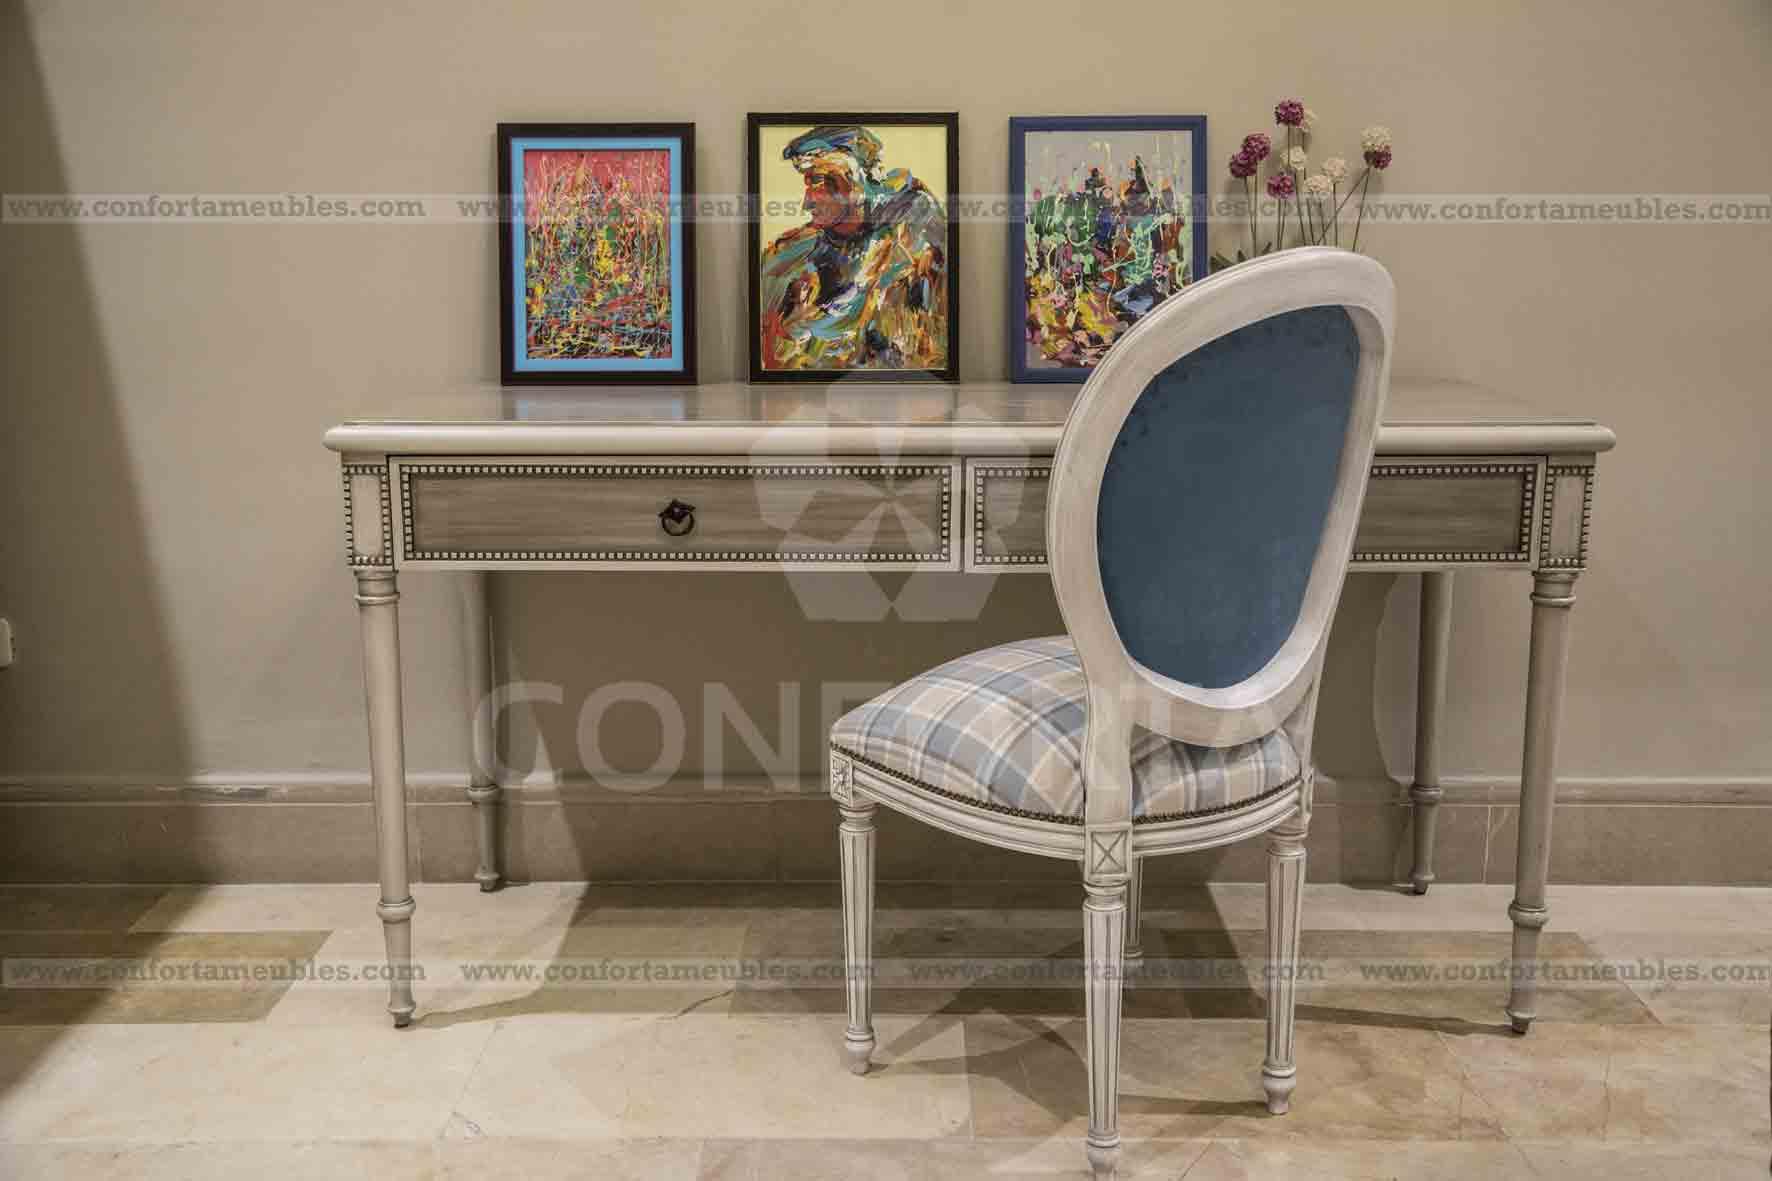 Confortameubles meubles et d coration tunisie for Deco meuble tunisie